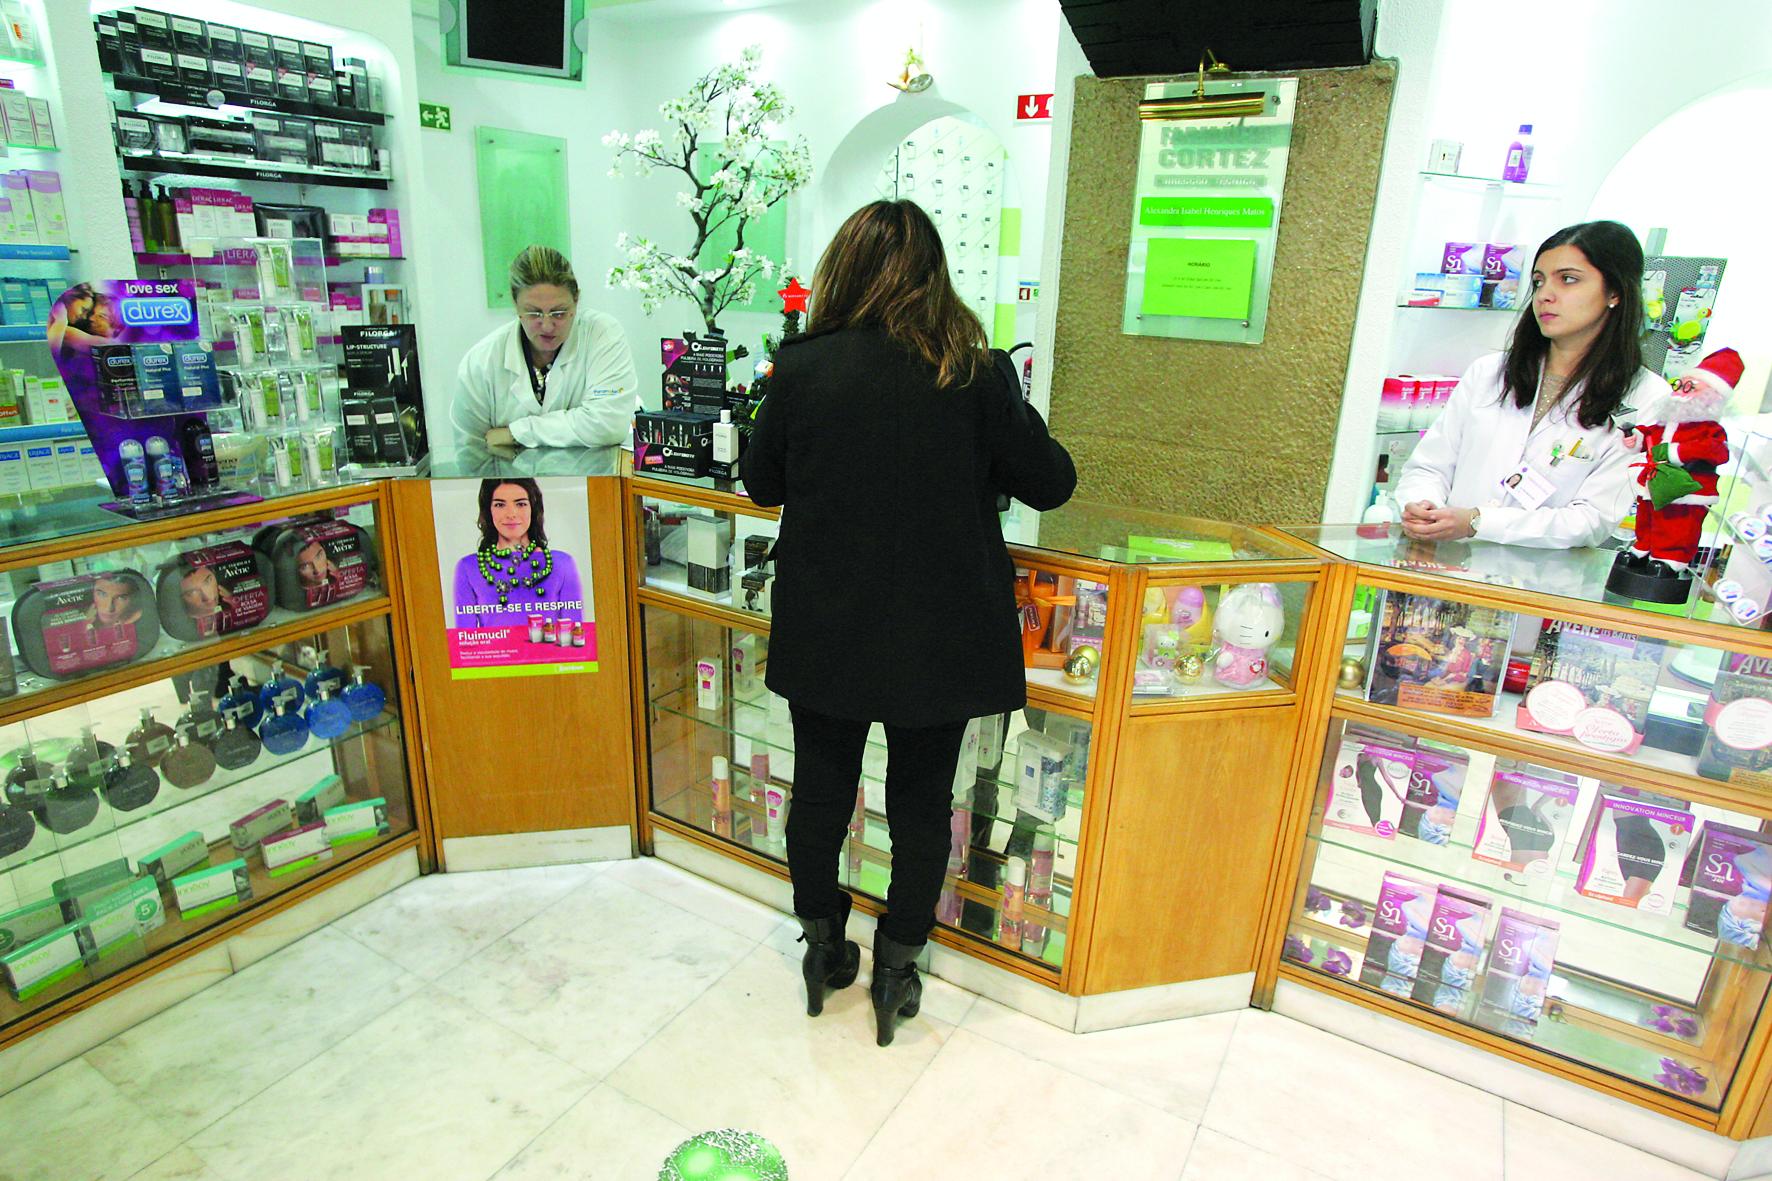 Farmacêuticos voltam atrás e cancelam greve após luz verde do Governo